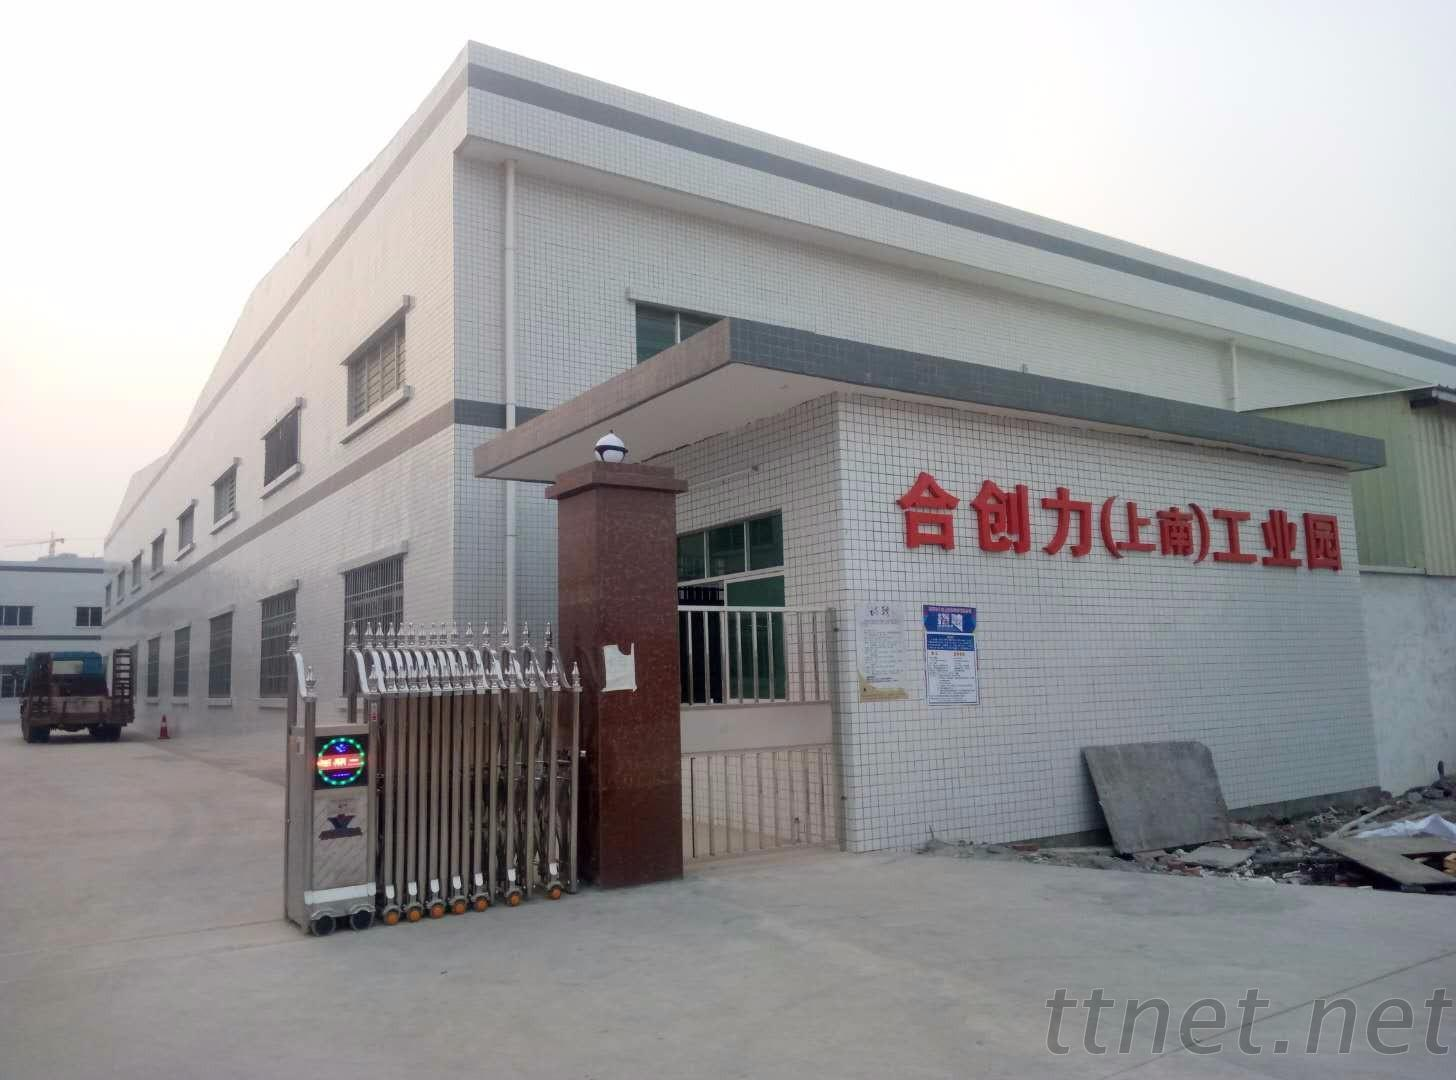 Huizhou Jiuzhengshang Technologies Co., Ltd.